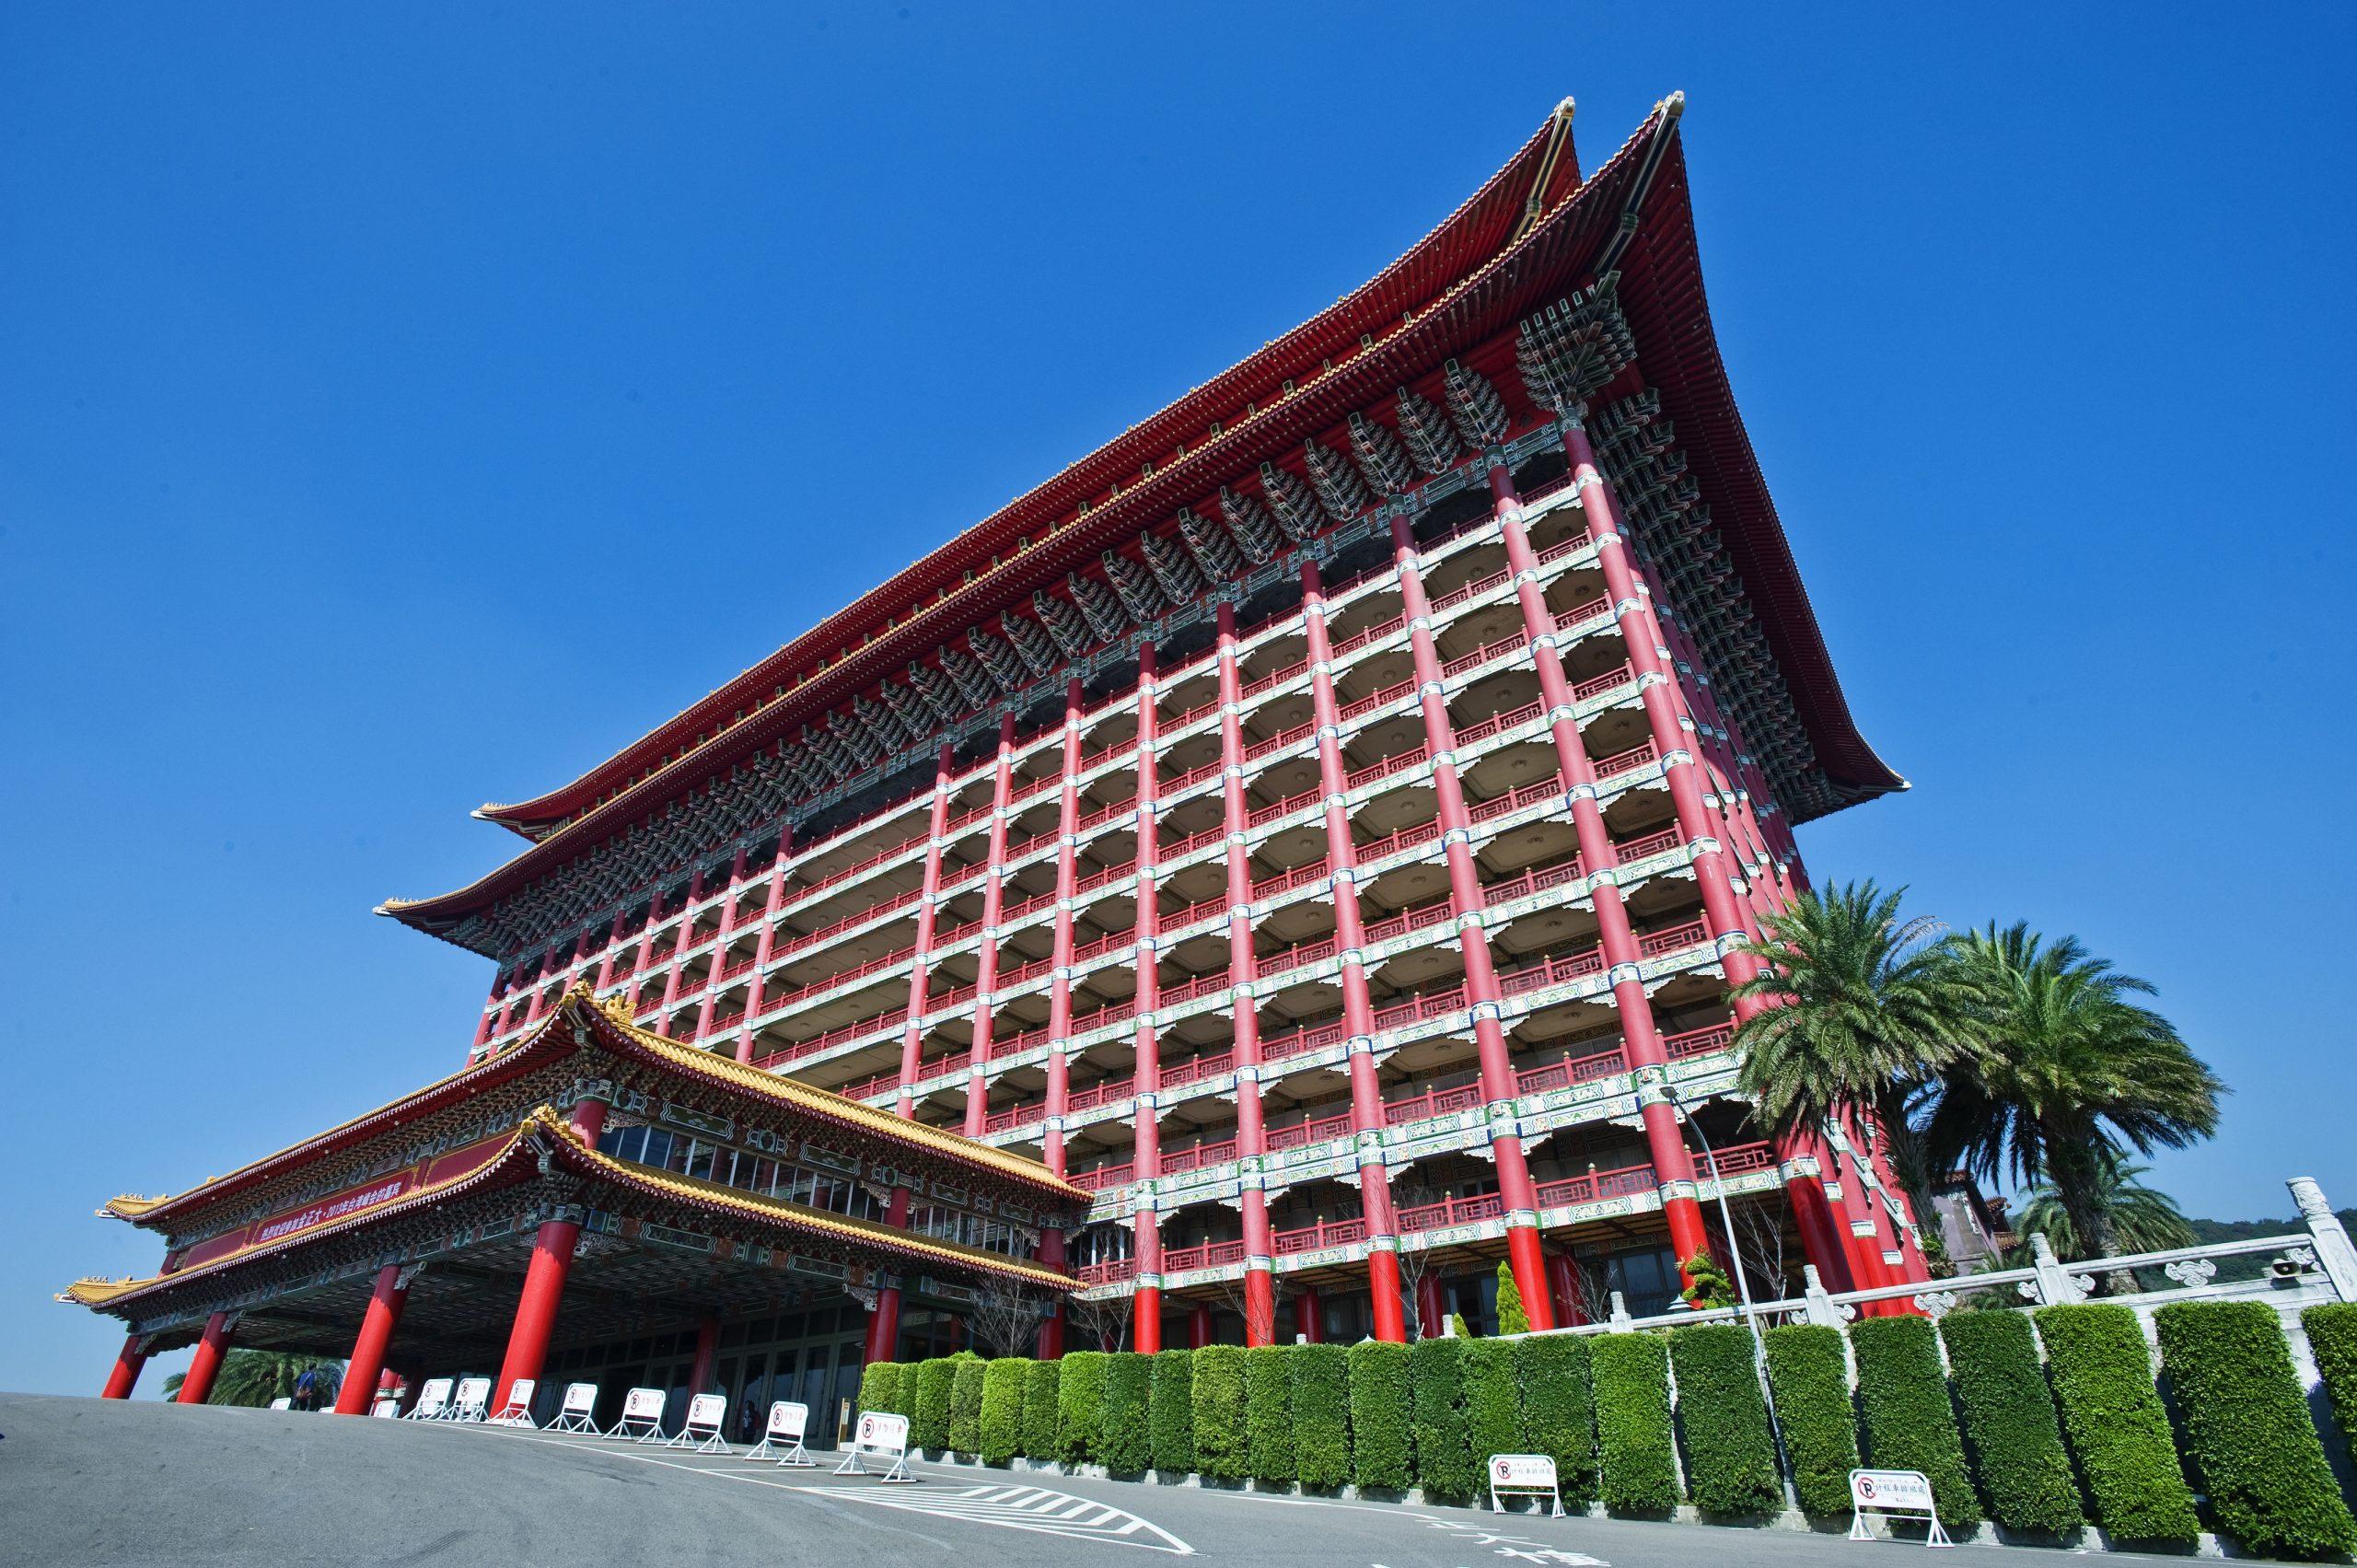 Taipei Film Commission